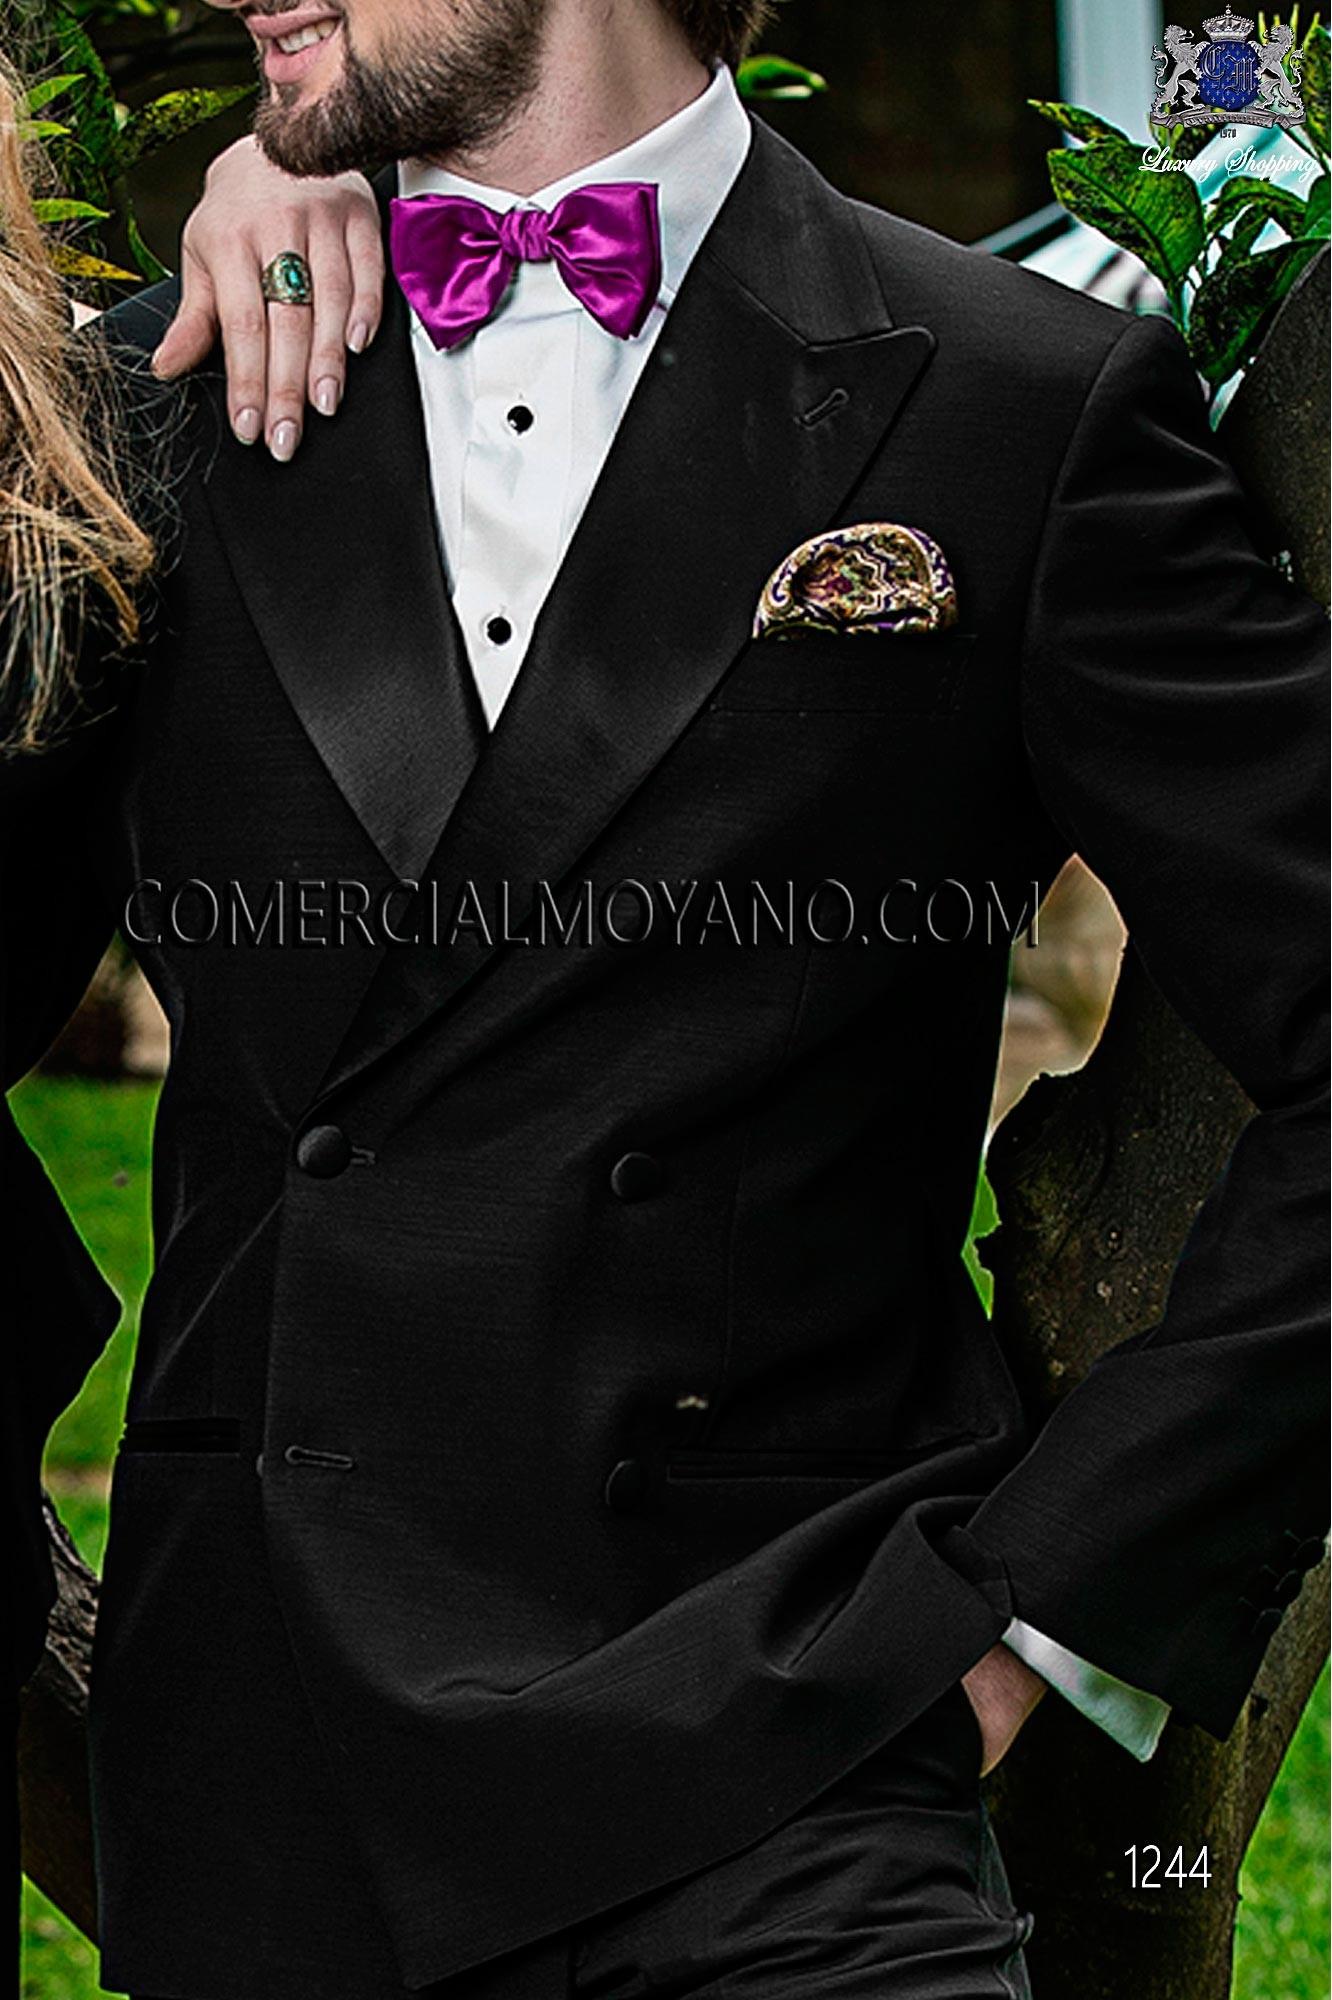 Italian blacktie black men wedding suit, model: 1244 Ottavio Nuccio Gala Black Tie Collection